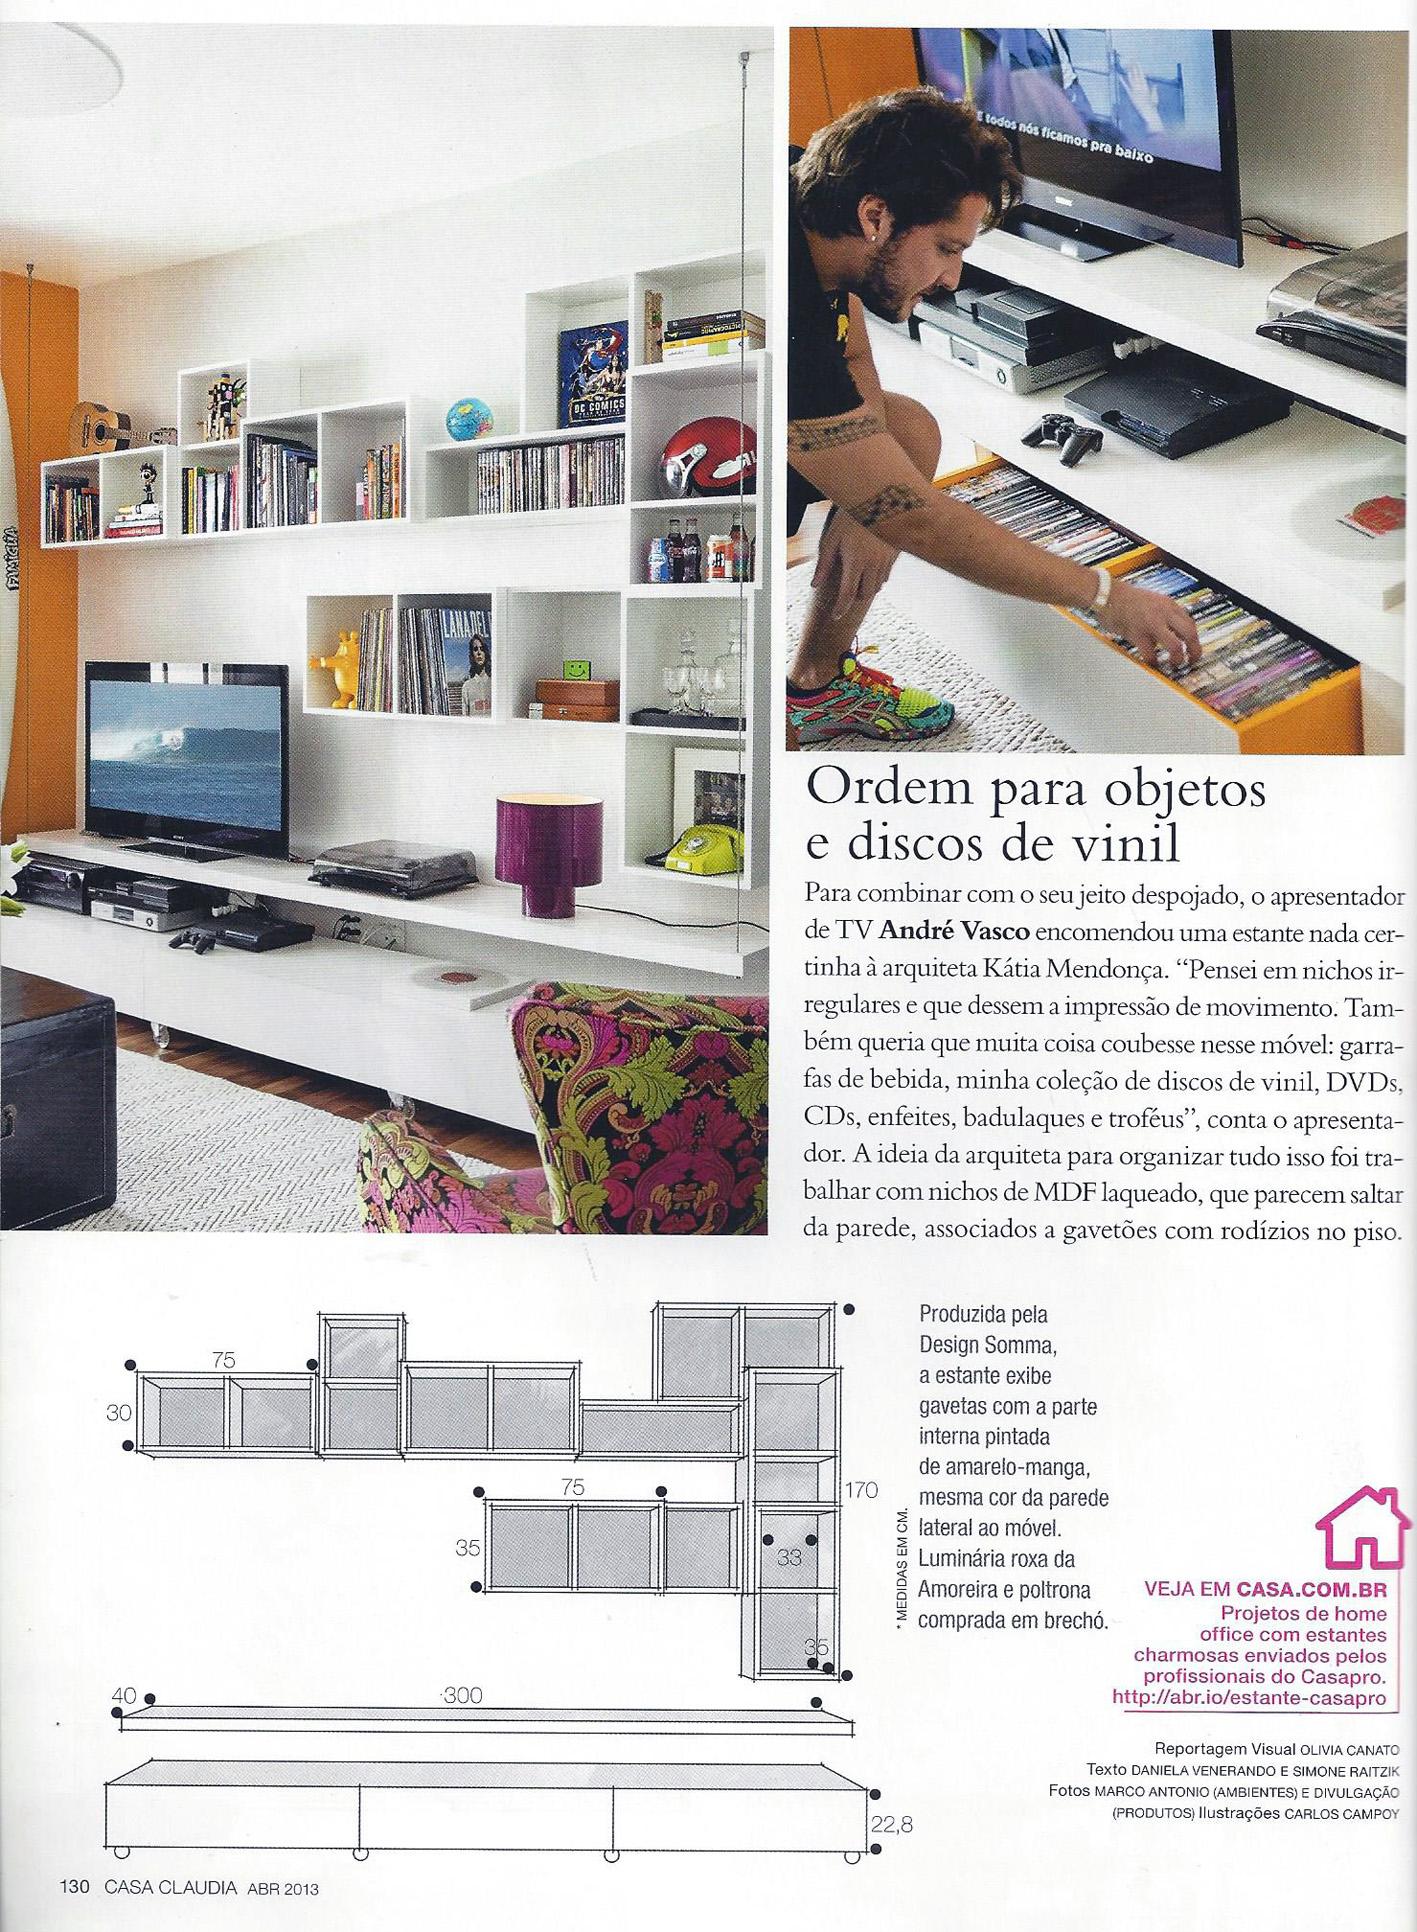 Casa Claudia Abr 2013.jpg